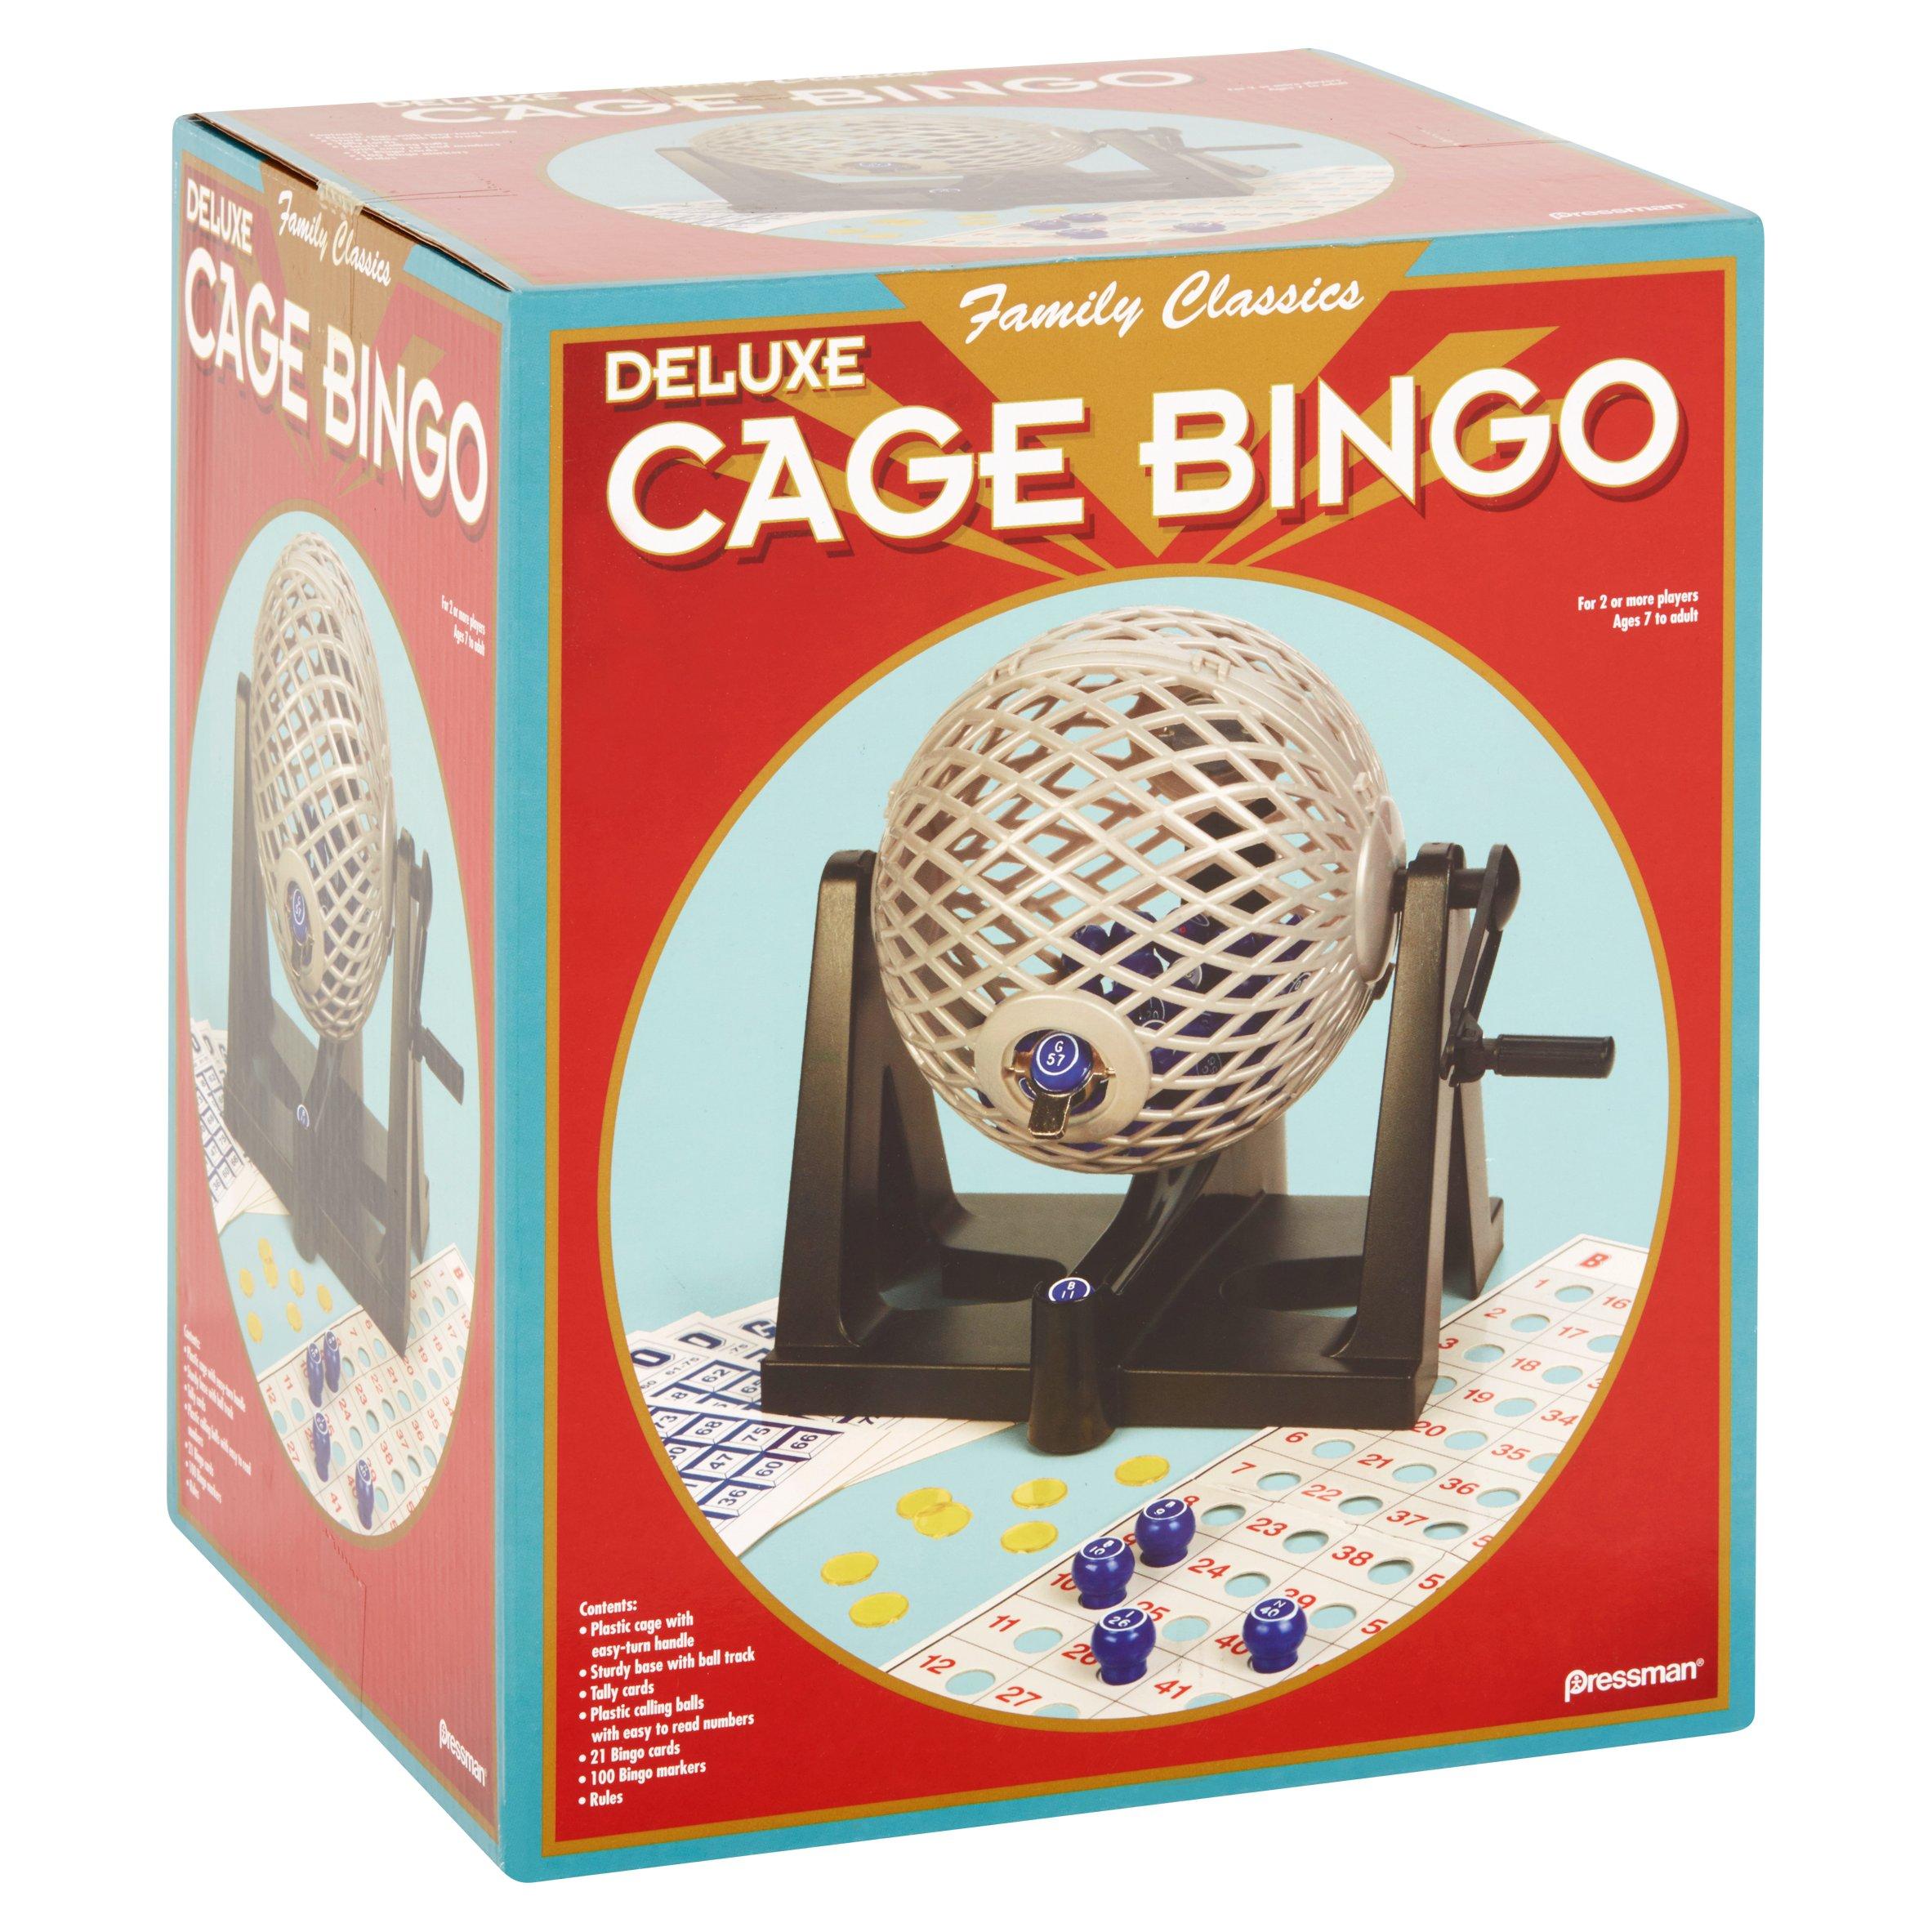 Pressman - Bingo: Deluxe Cage